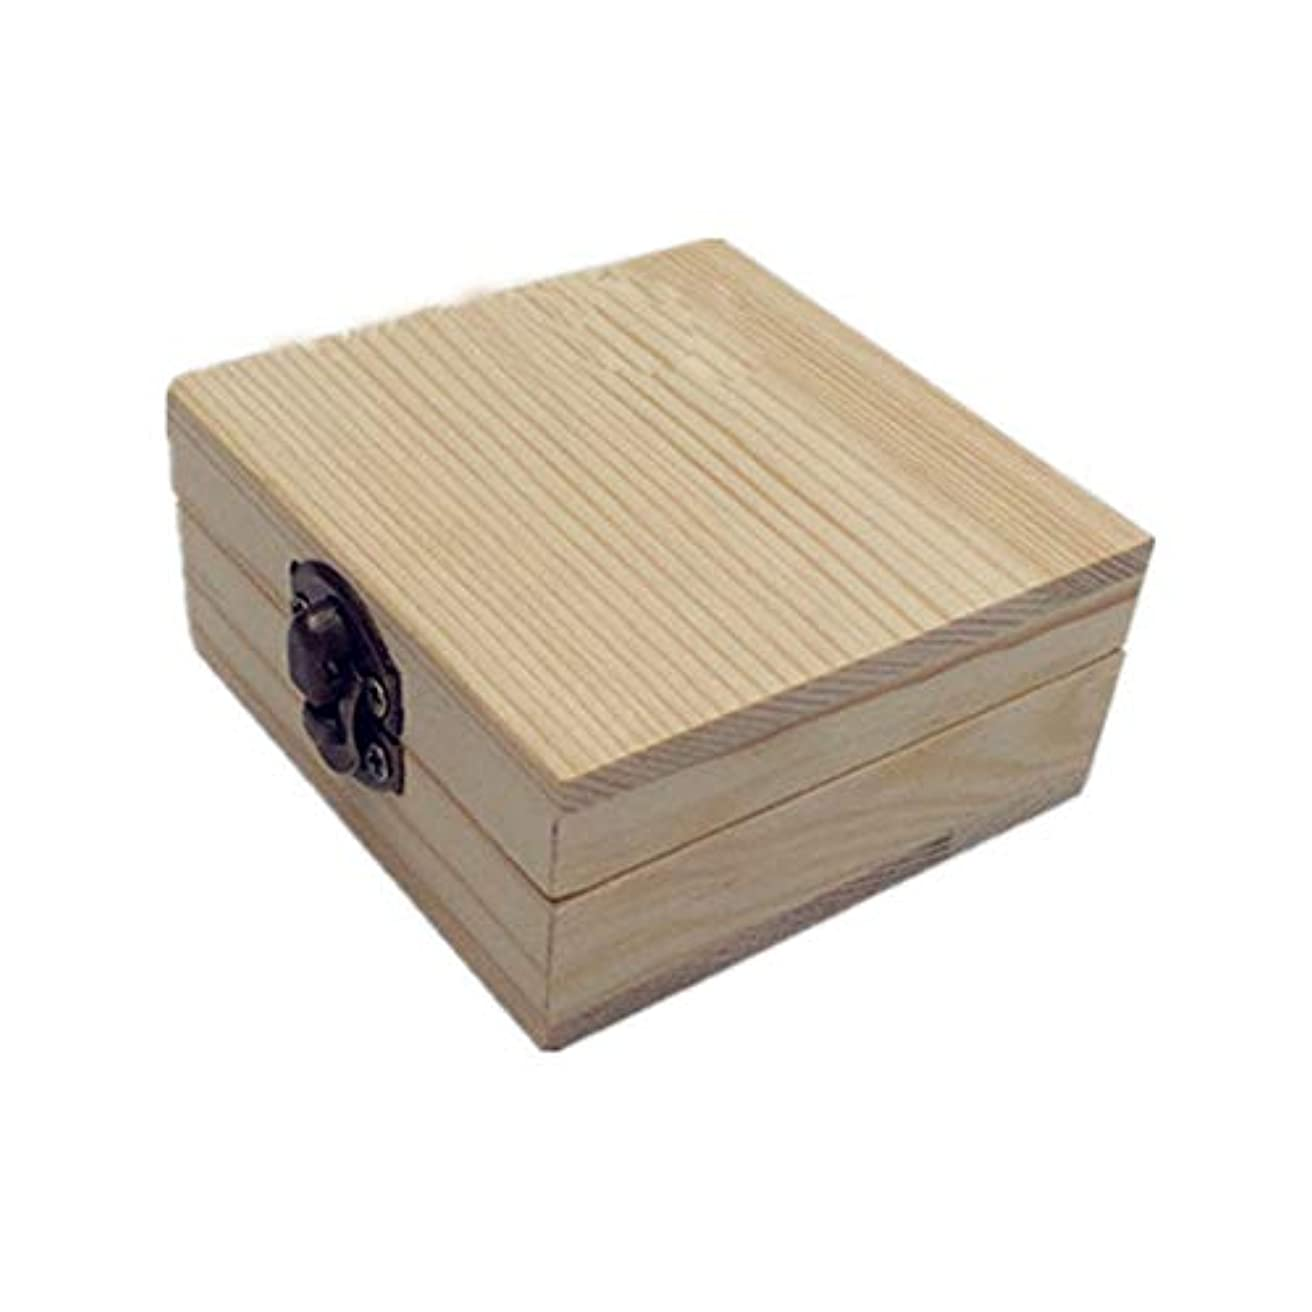 カウンタオセアニア広がり精油ケース 木製のエッセンシャルオイルボックスパーフェクトエッセンシャルオイルケースはエッセンシャル2本のボトル用保持します 携帯便利 (色 : Natural, サイズ : 7X7X3.5CM)